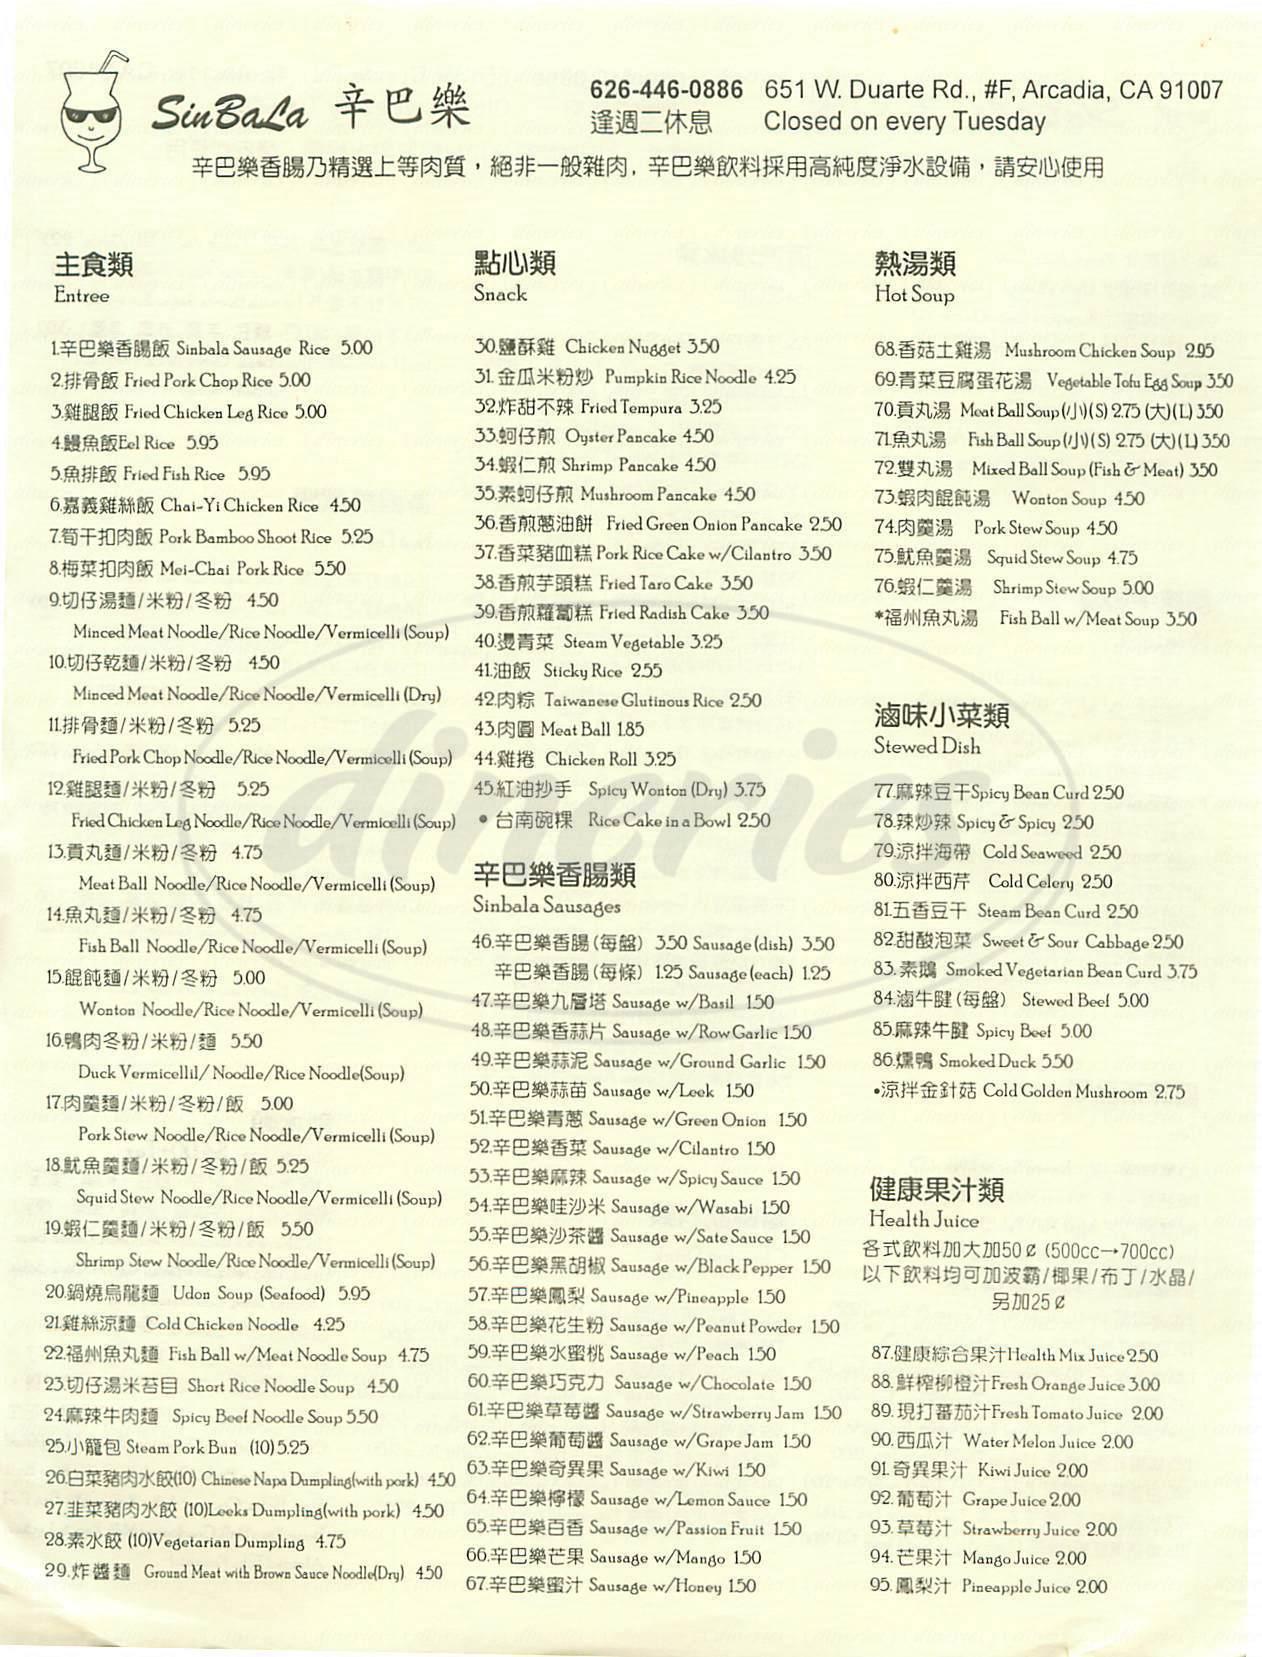 menu for Sinbala